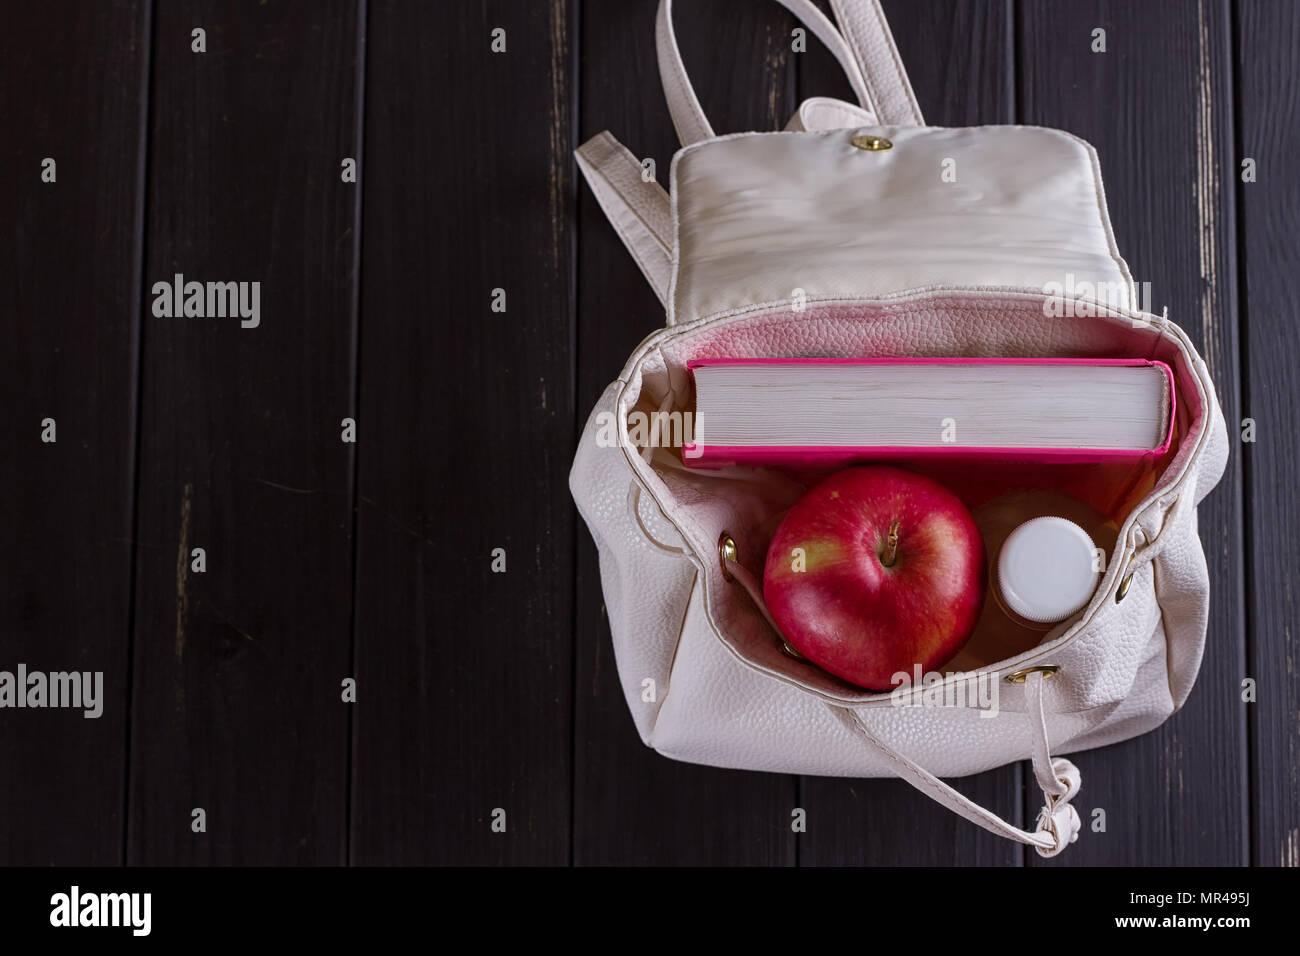 e24c9d294a Sac à dos en cuir blanc, livre rose, une bouteille d'eau sur un fond noir